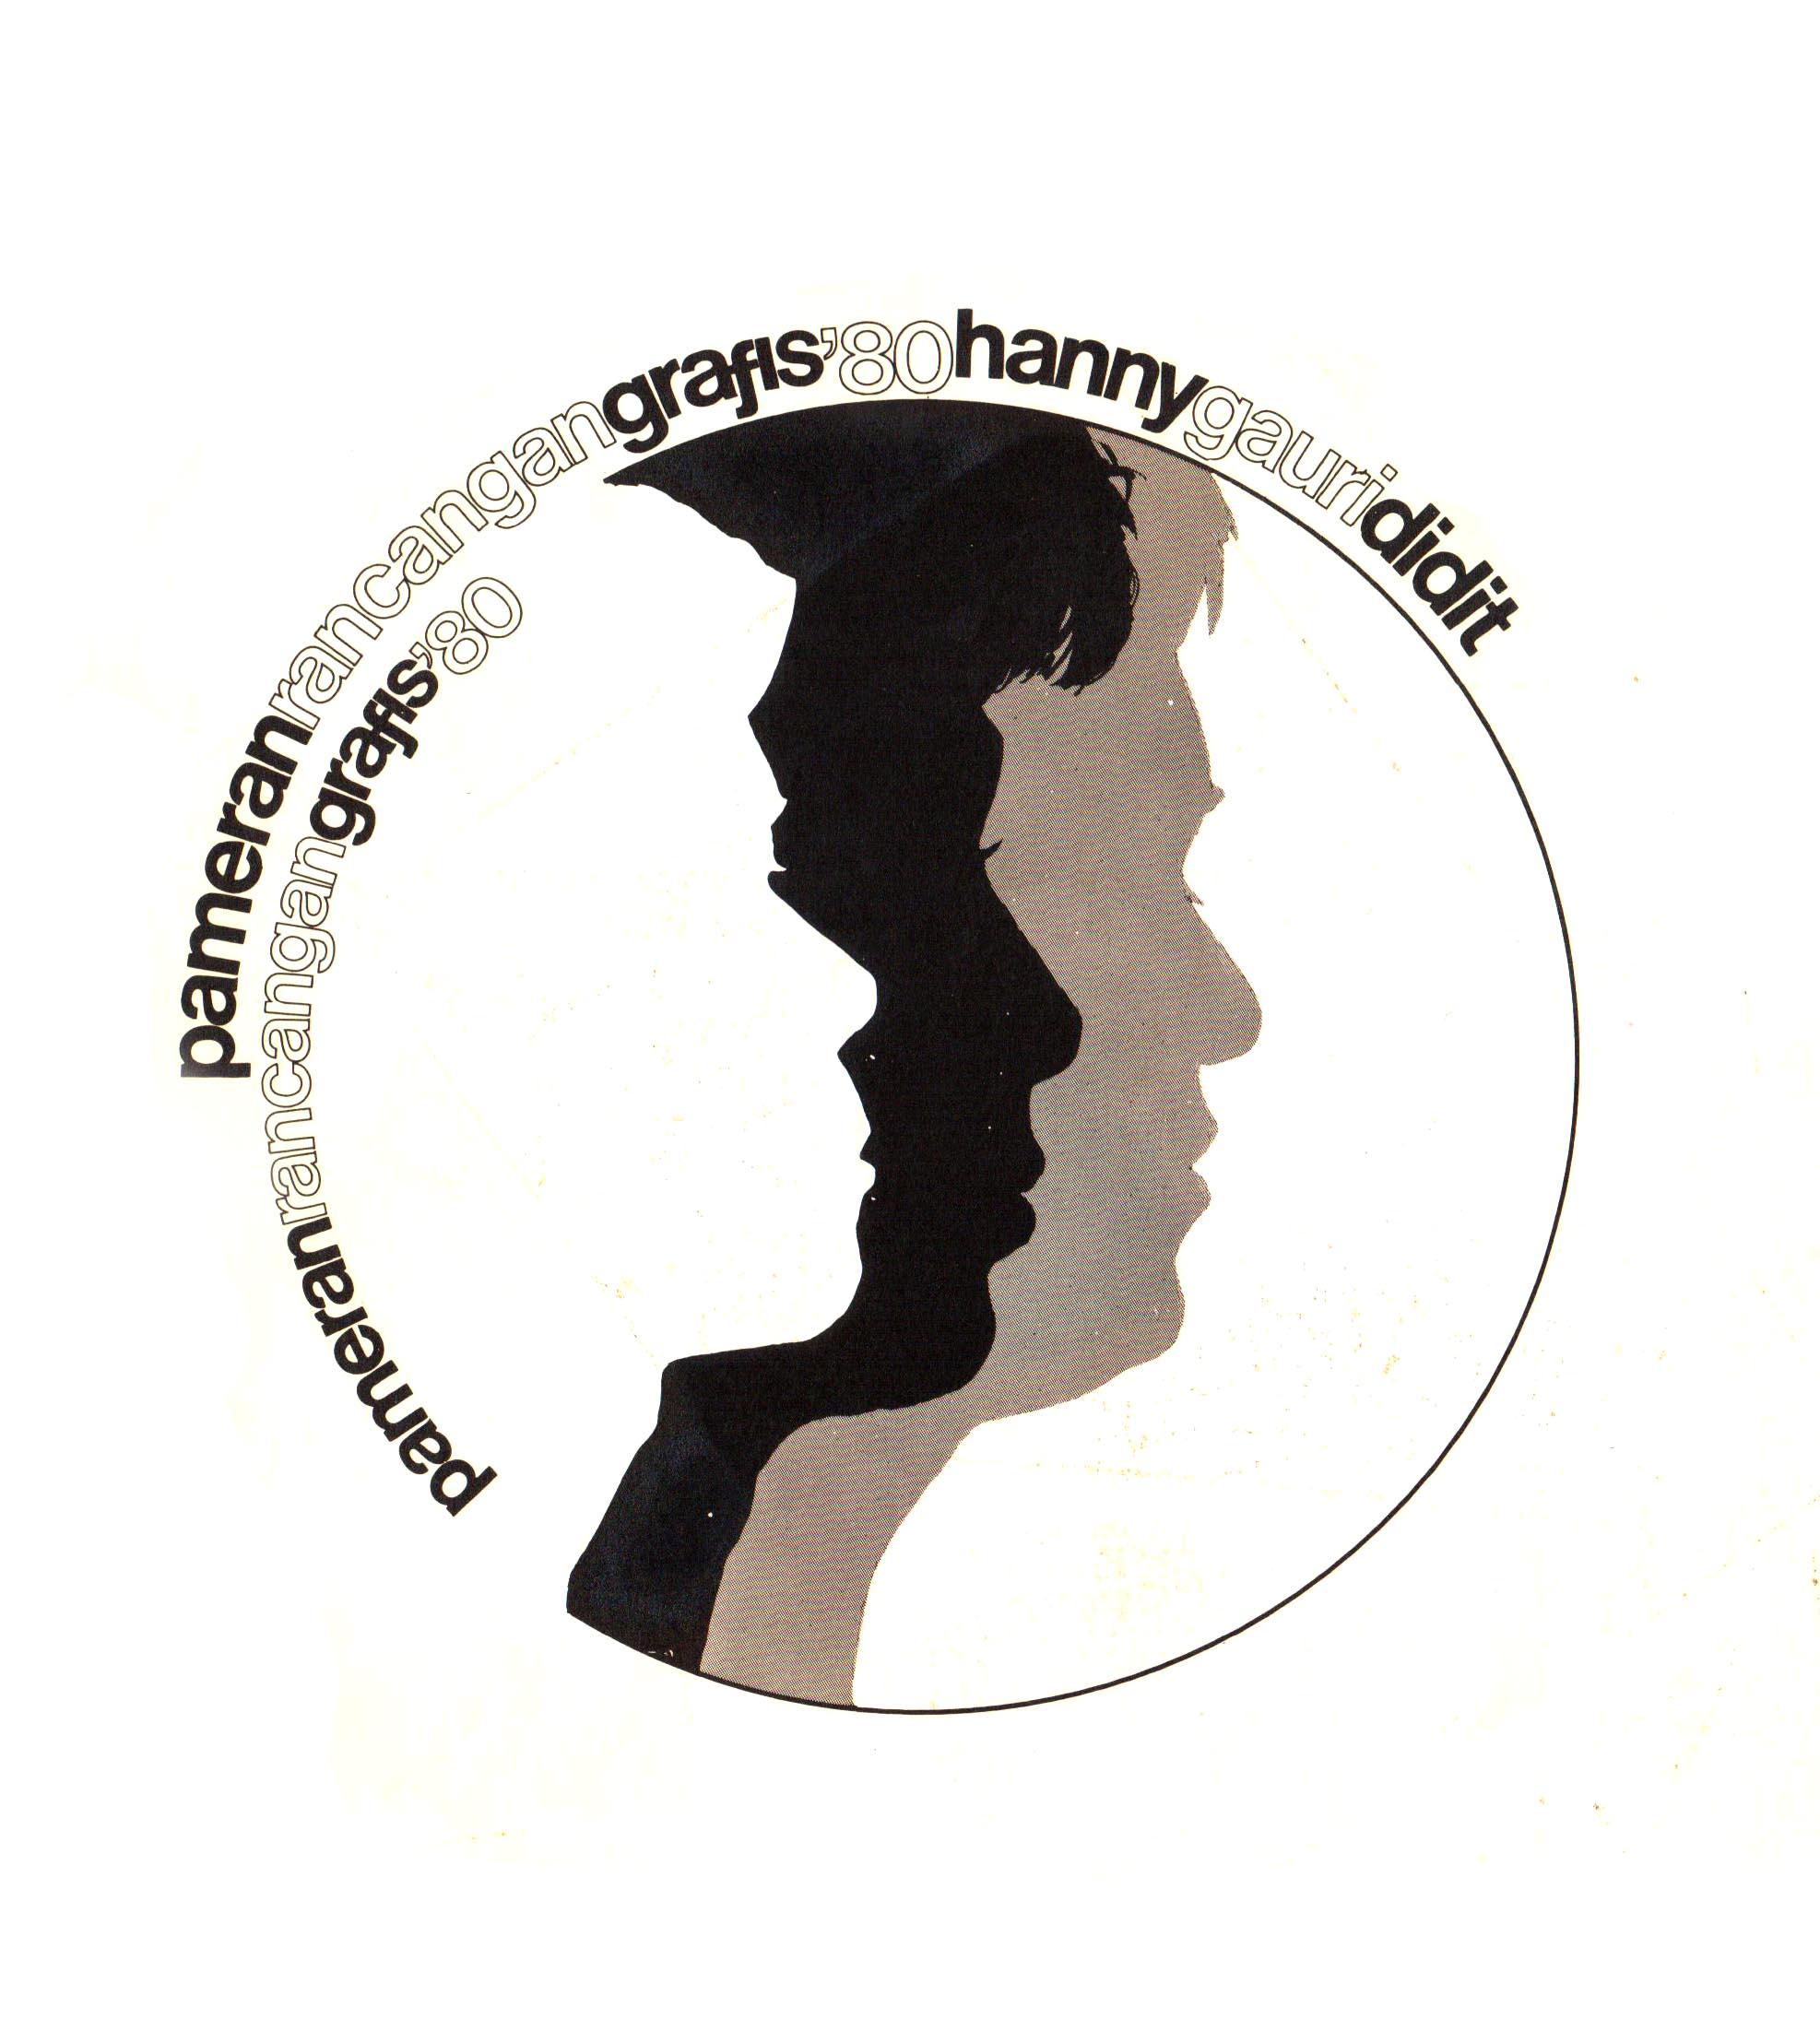 Artifacts-Logo-PameranRancanganGrafis'80 Hanny Gauri Didit